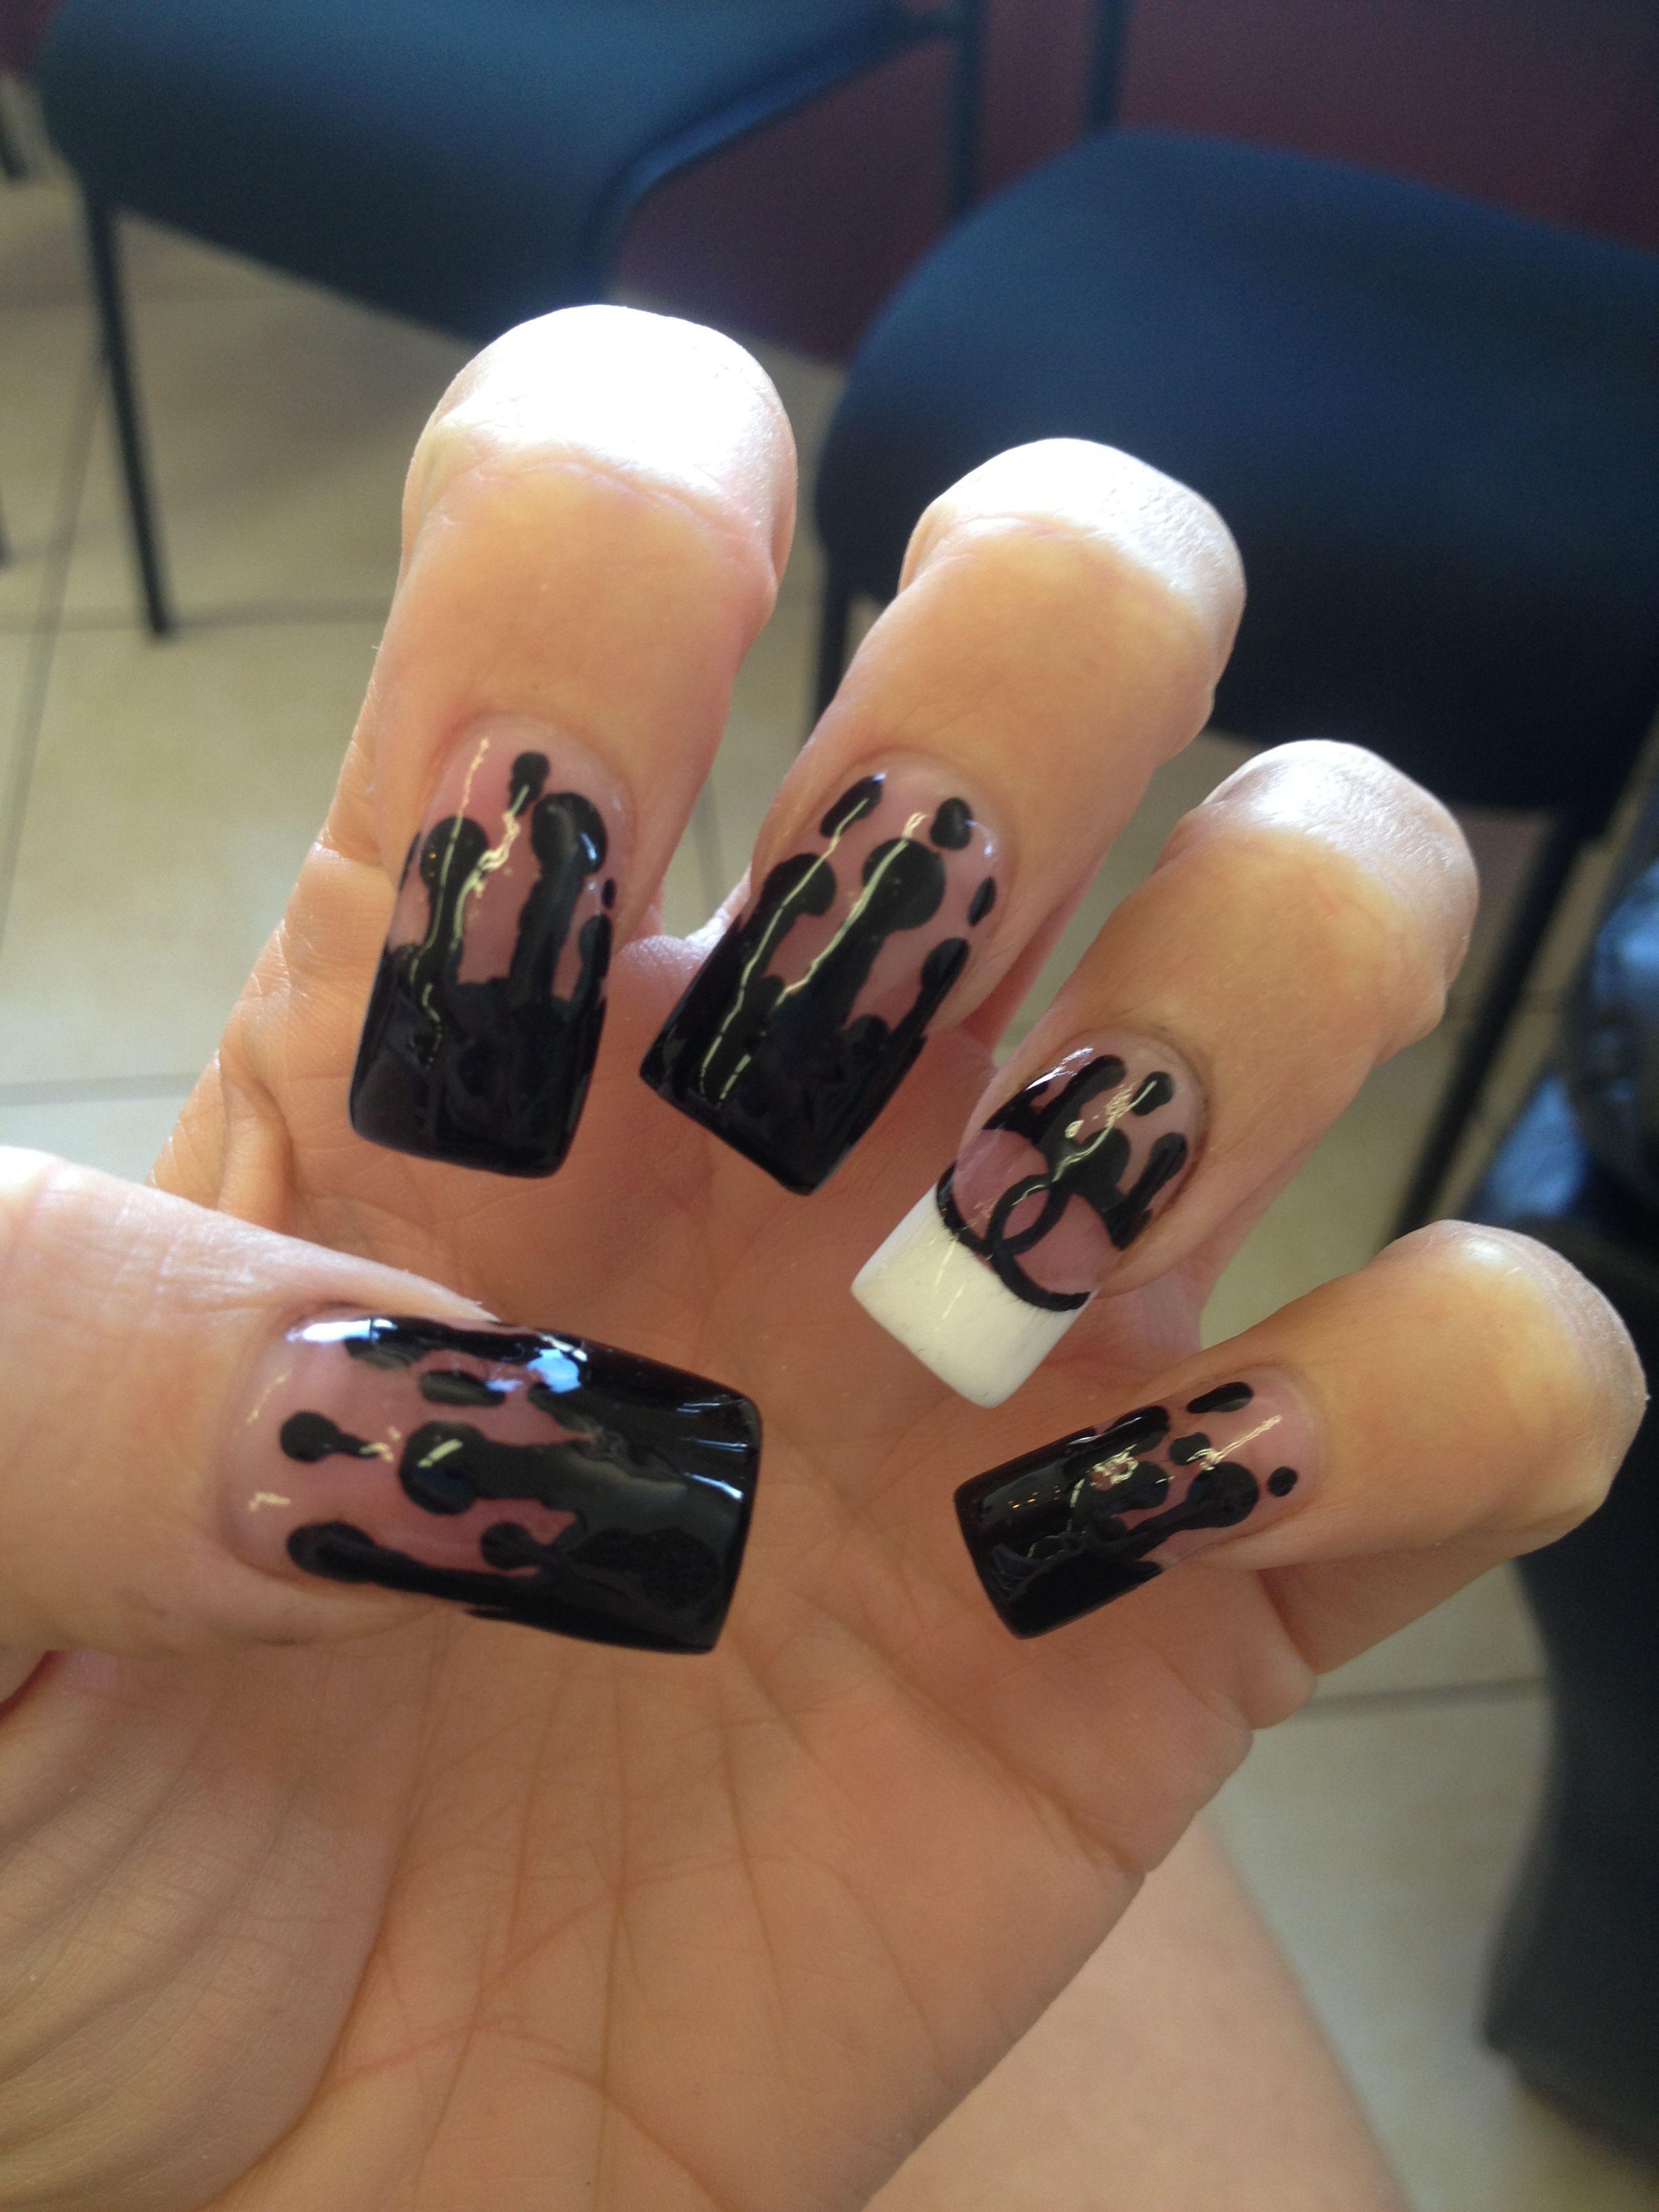 Nail Design Chanel - Nail Arts